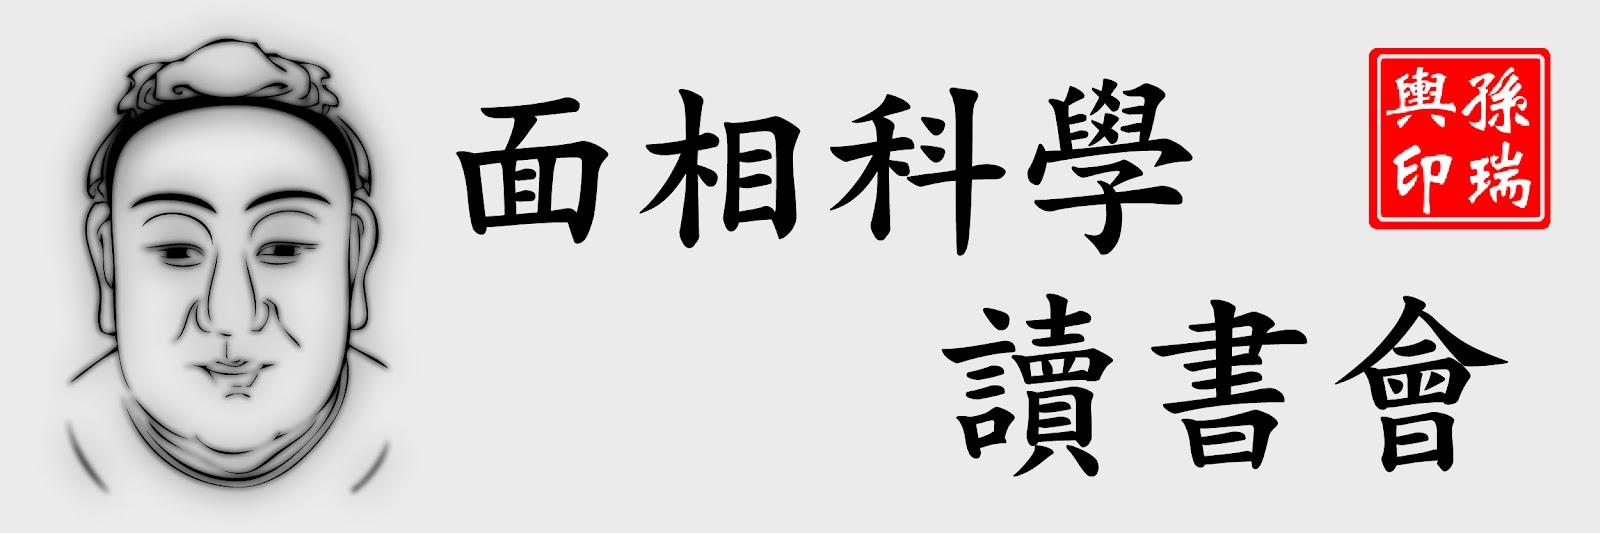 面相學讀書會 - 孫瑞輿